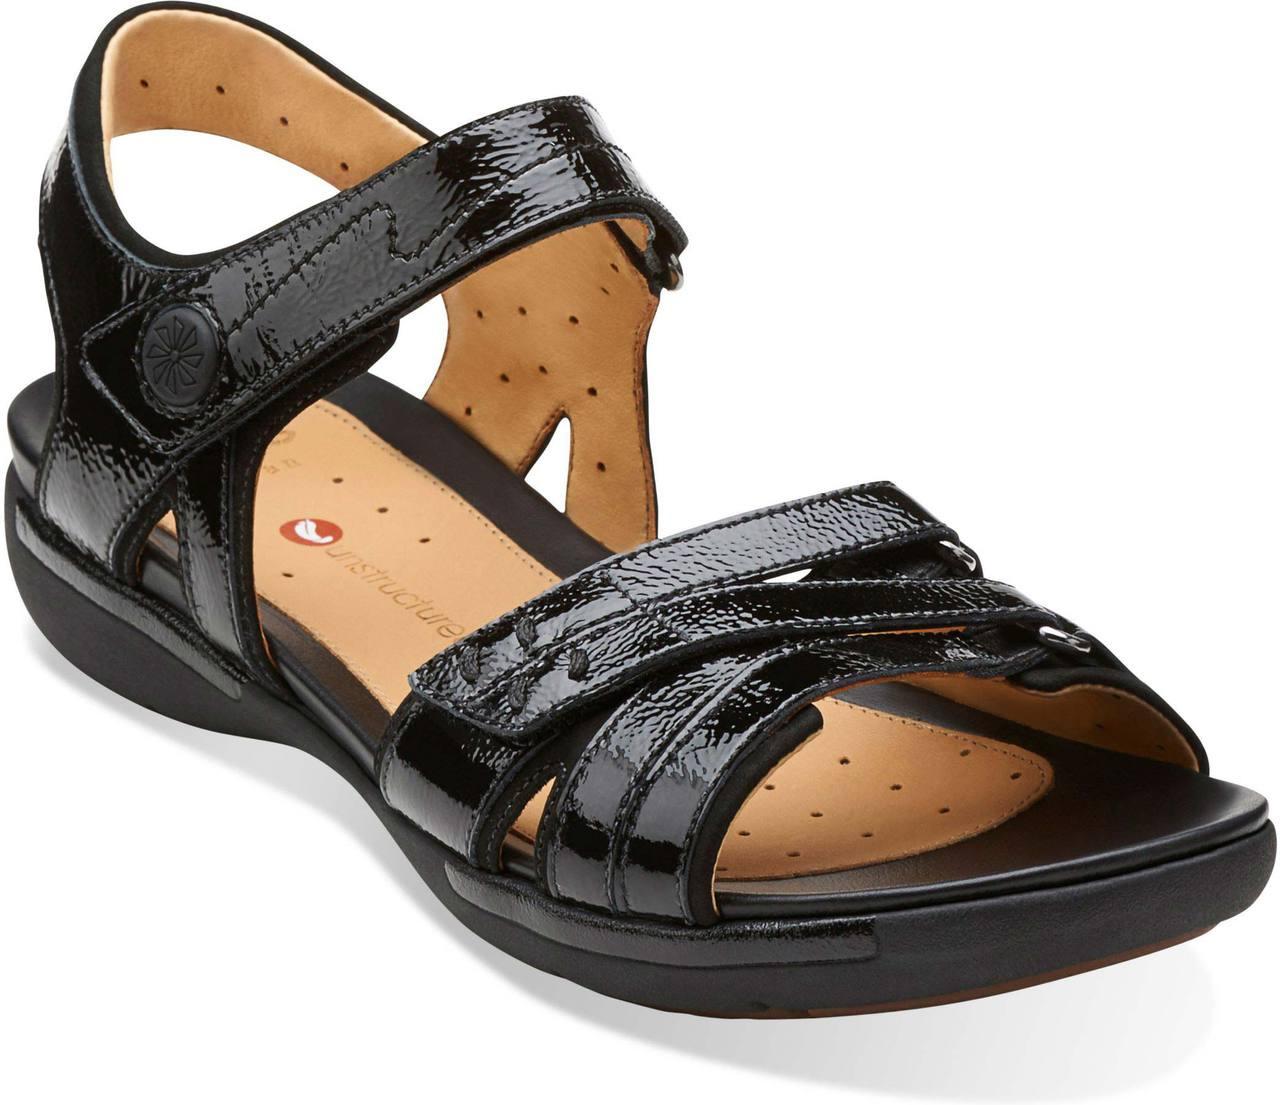 Womens Sandals Clarks Un Vasha Black Patent Leather